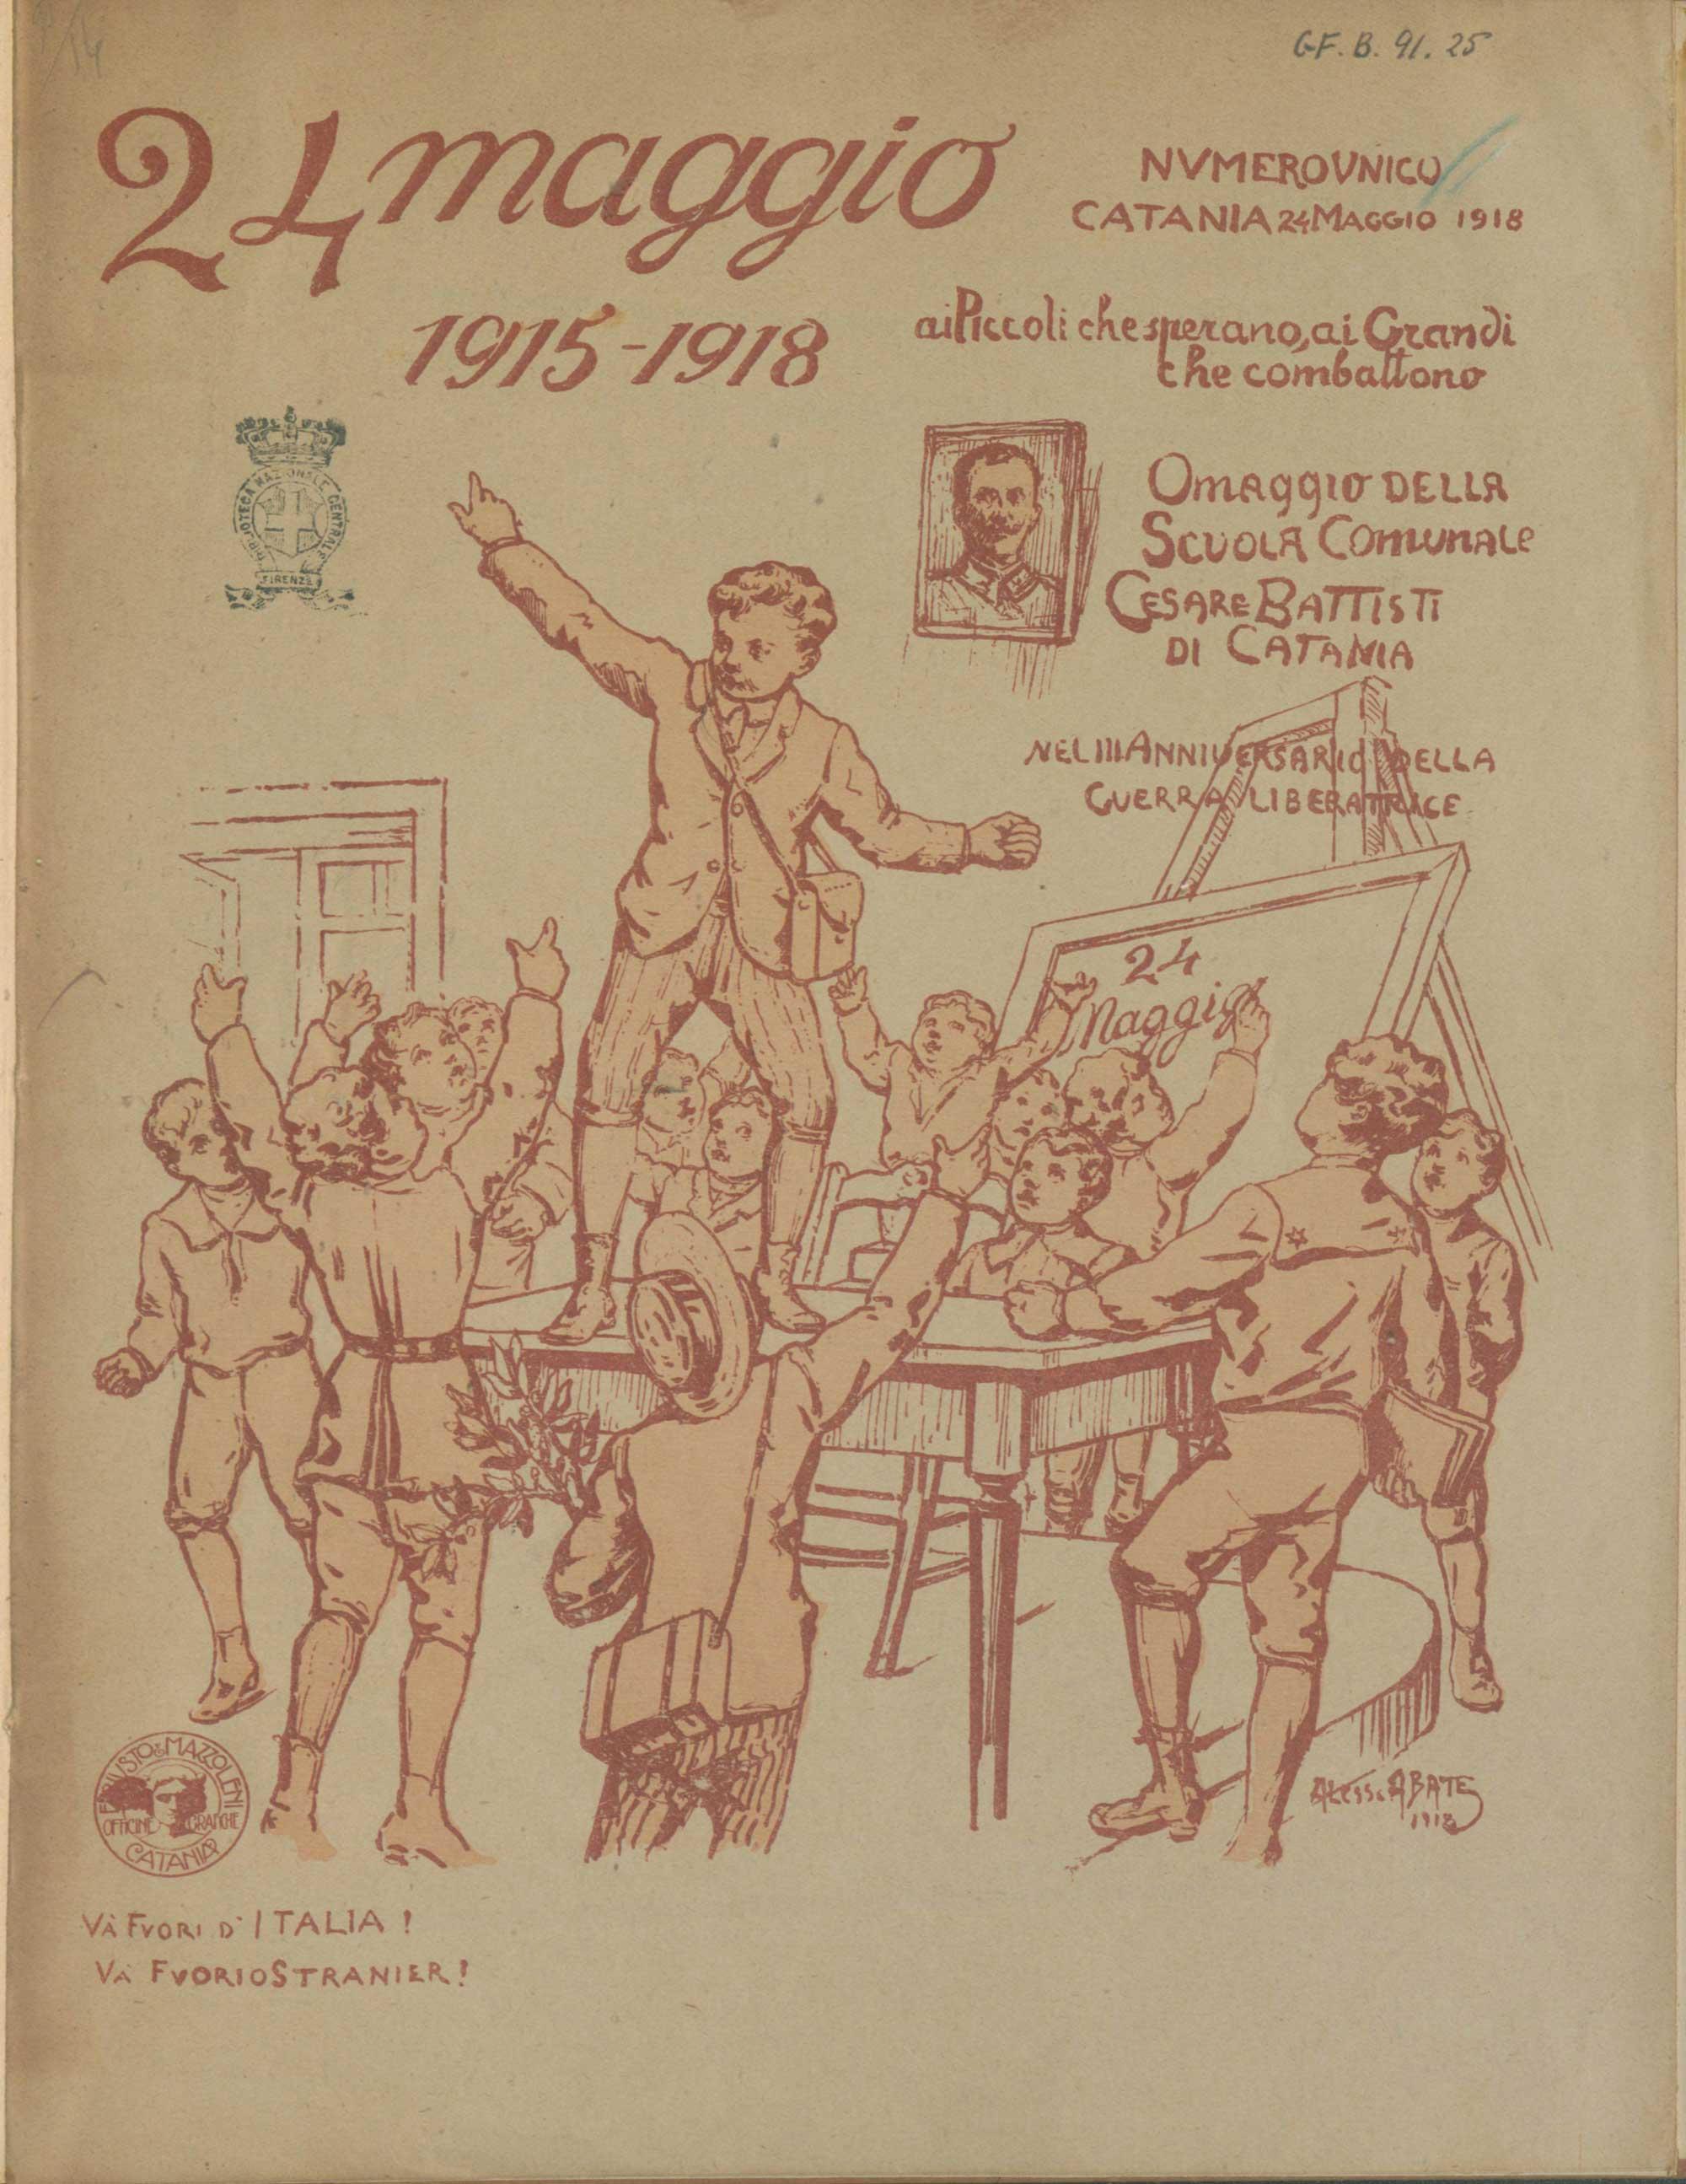 24 May 1915-1918